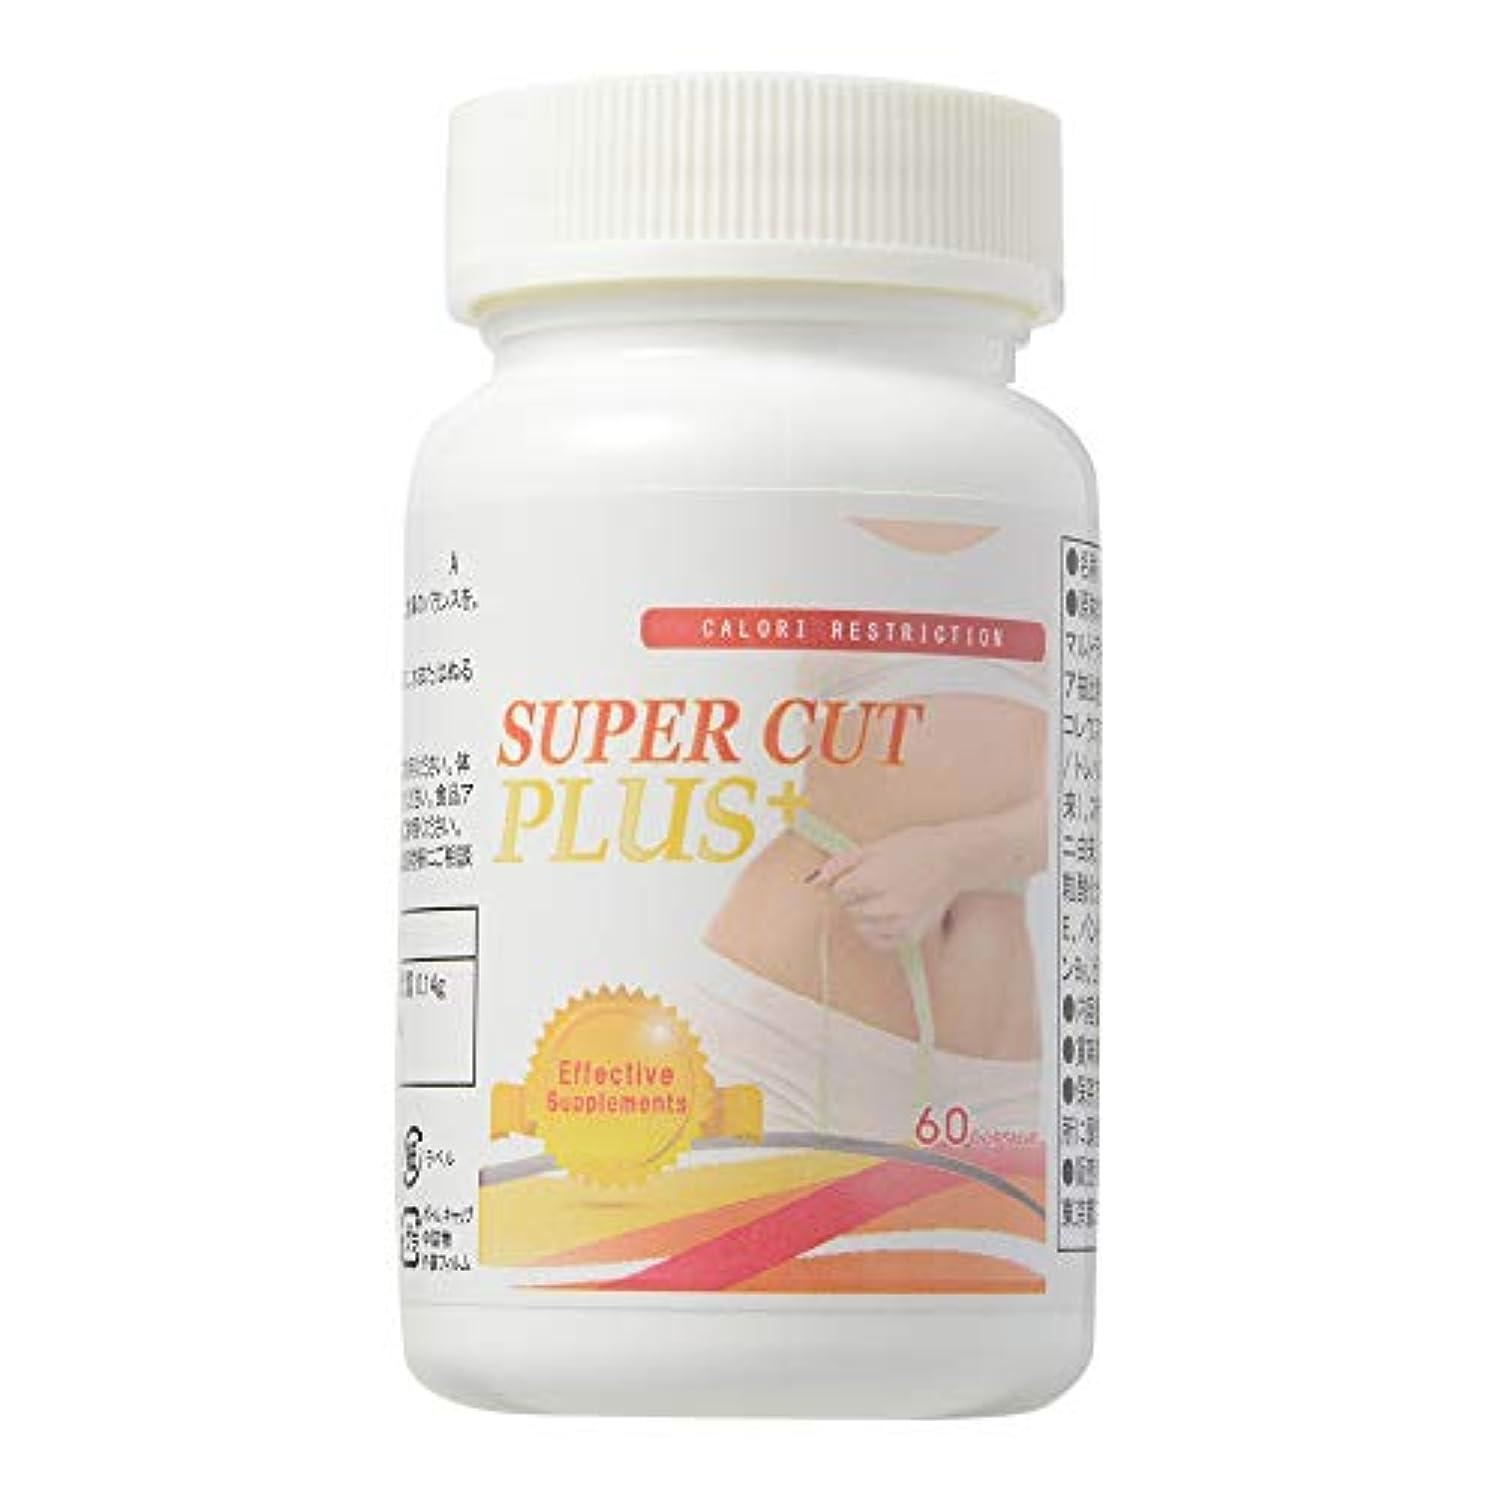 謎めいたスタウト召集するSUPER CUT PLUS+ ダイエット (ダイエット サプリ) 栄養補助食品 スリム スキンケア 女性 美容 サプリメント [350mg×60粒/ 説明書付き]